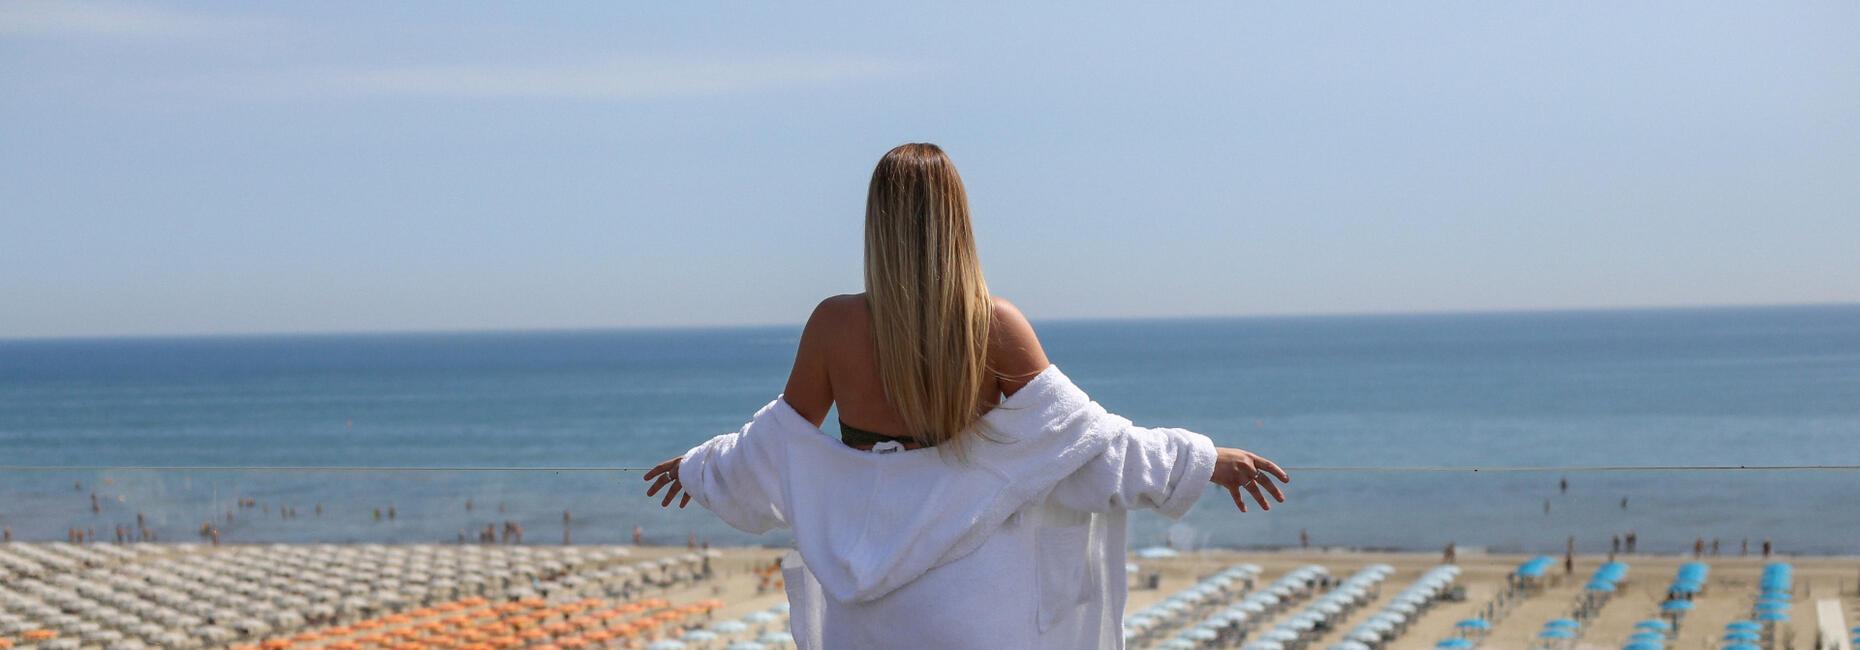 hotelcommodore it vacanze-a-cervia-prenota-prima-prezzi-speciali 012